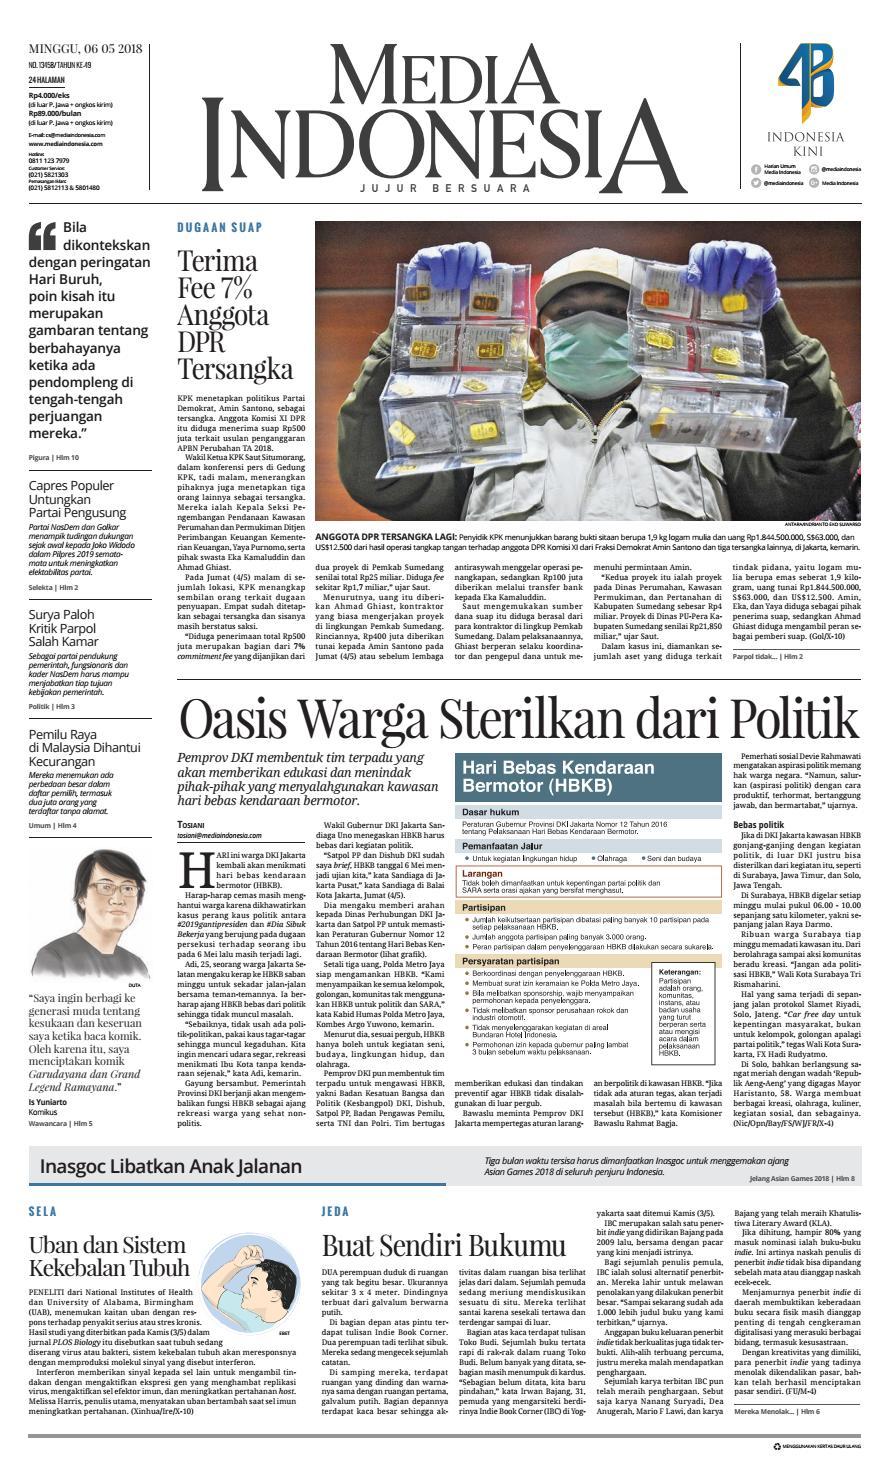 Mediaindonesia 06 05 2018 06052018112820 By Oppah Issuu Produk Ukm Bumn Sastra Organdi Biru